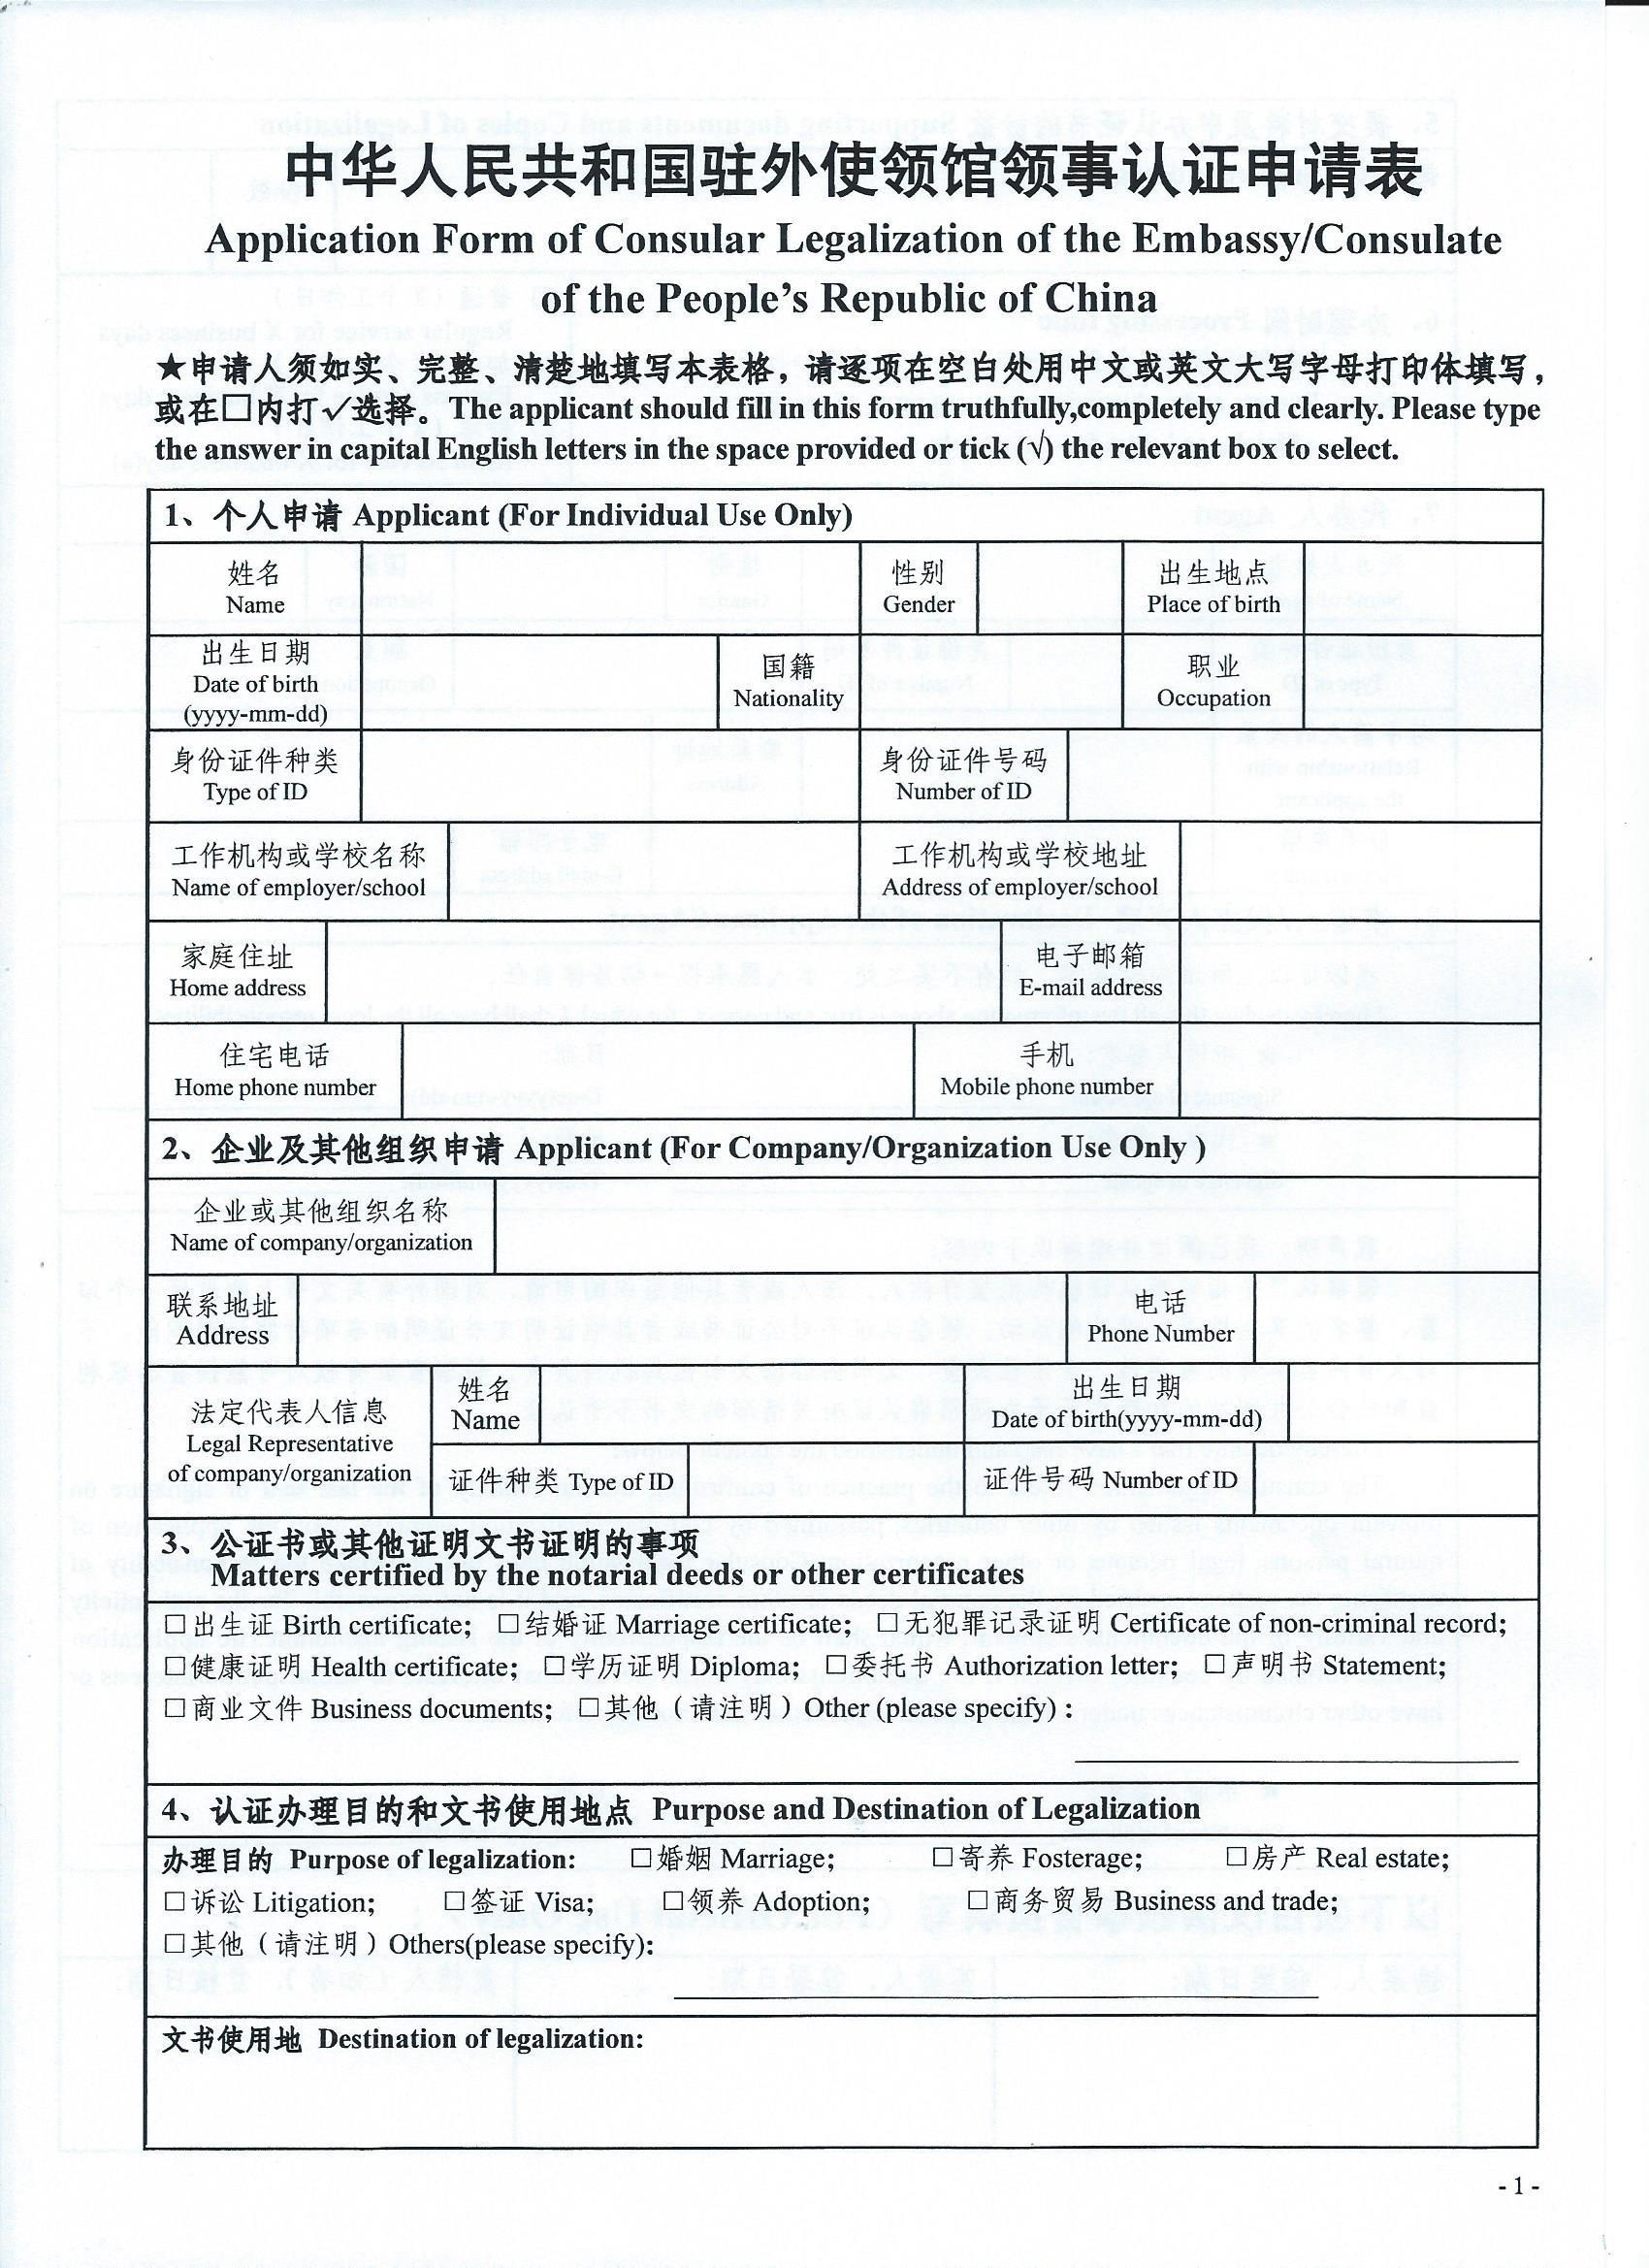 Chinese legalisation form updated i2visa blog chinese legalisation form updated altavistaventures Choice Image